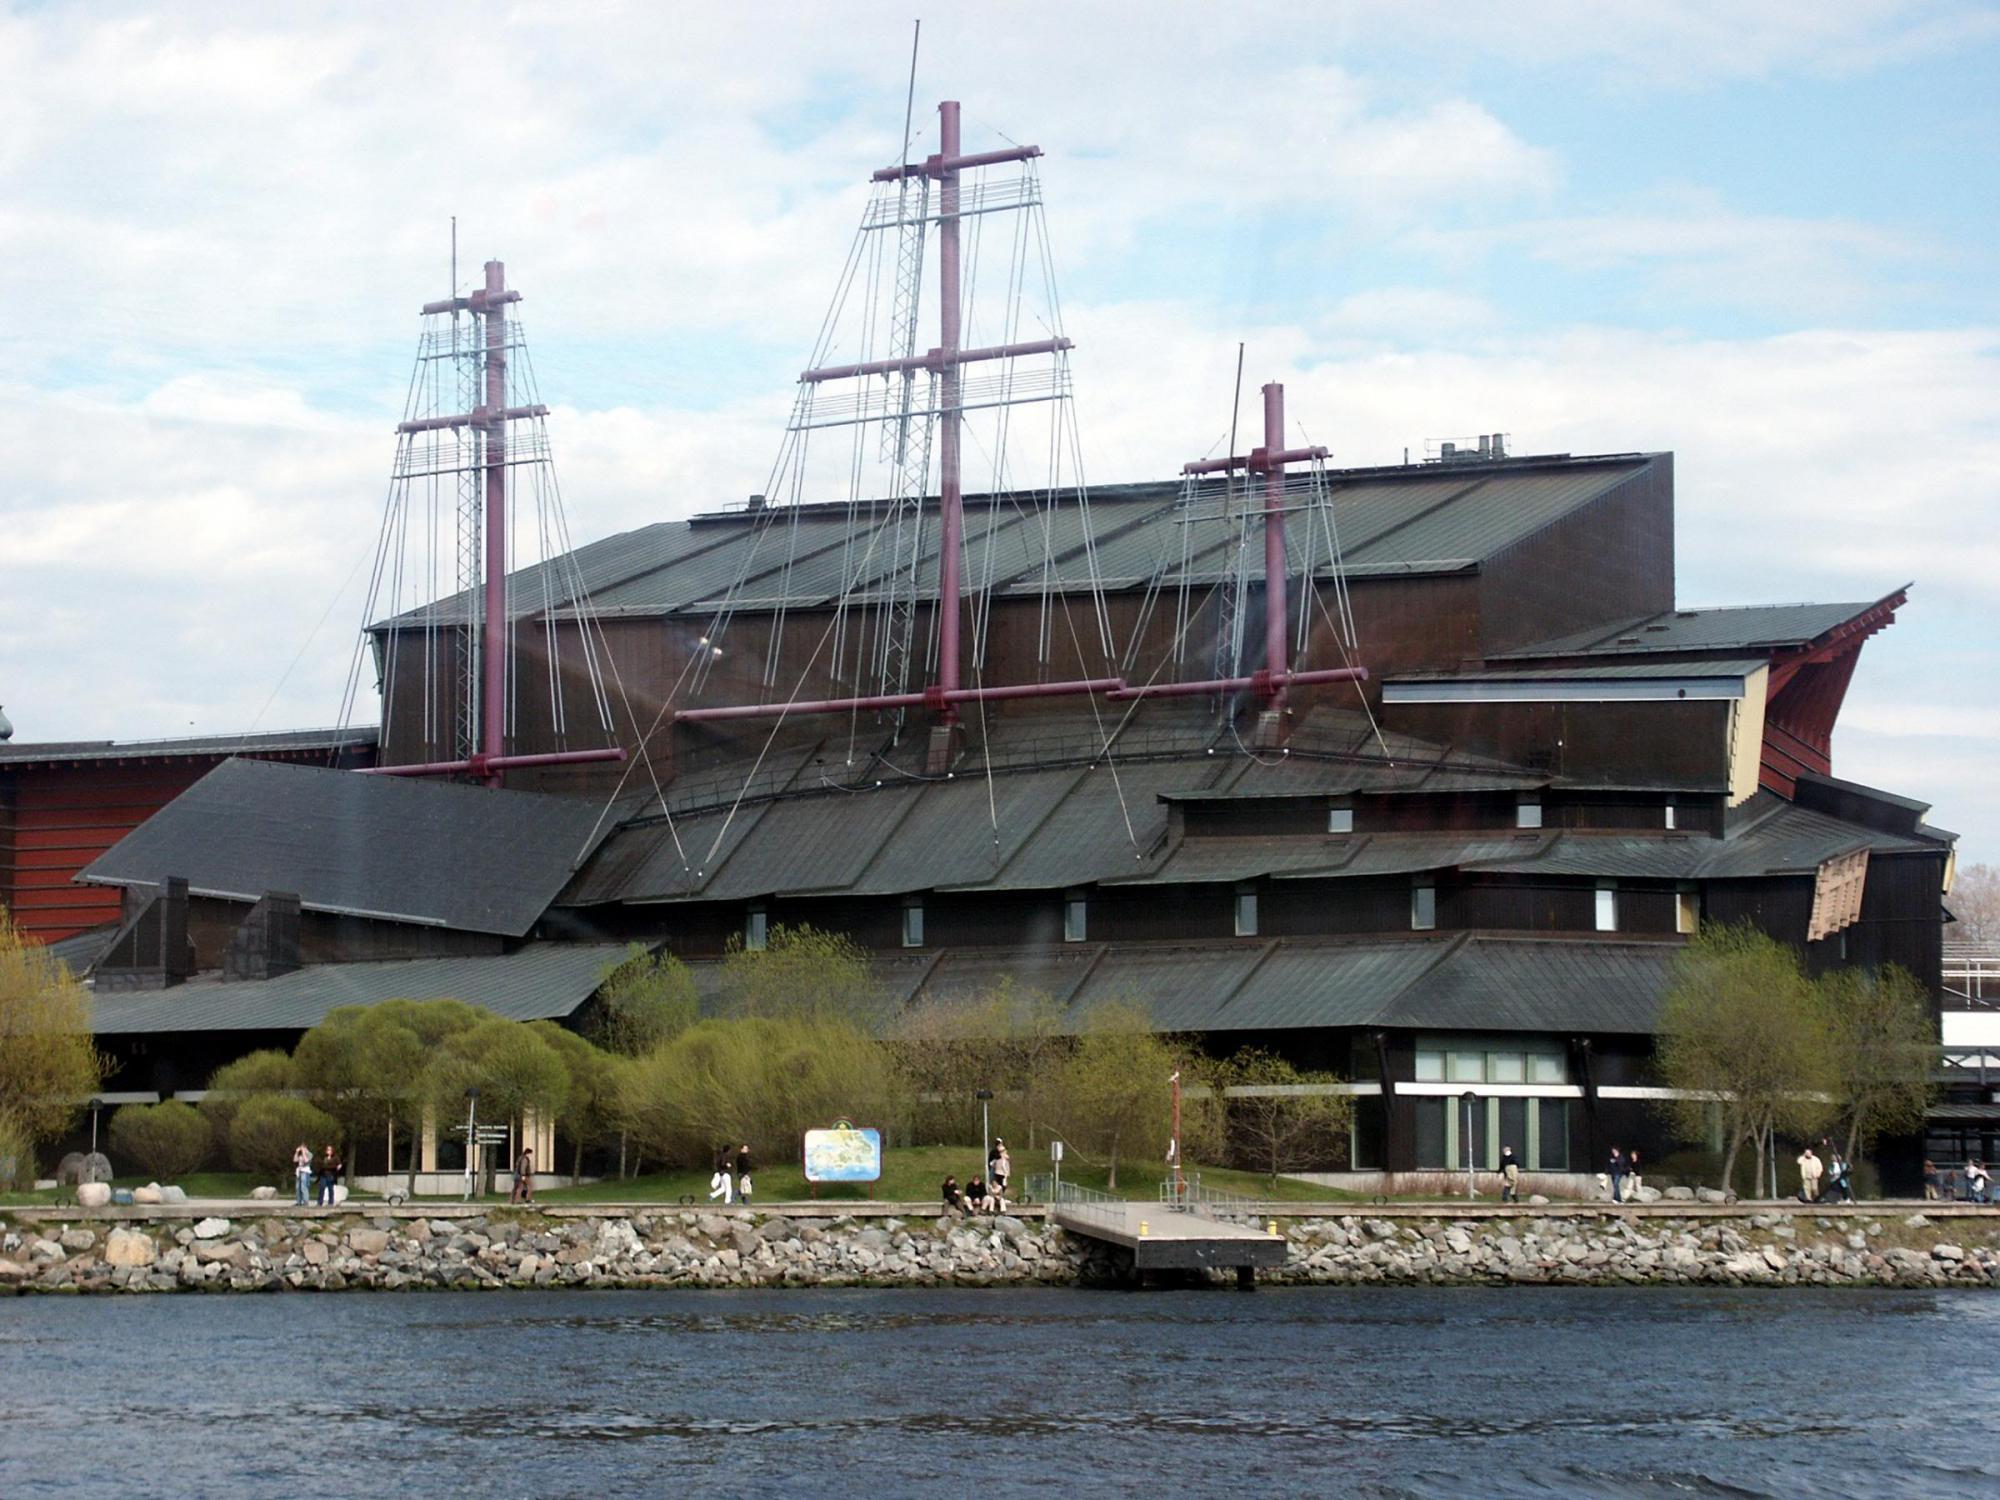 El 16 de agosto y el Vasa